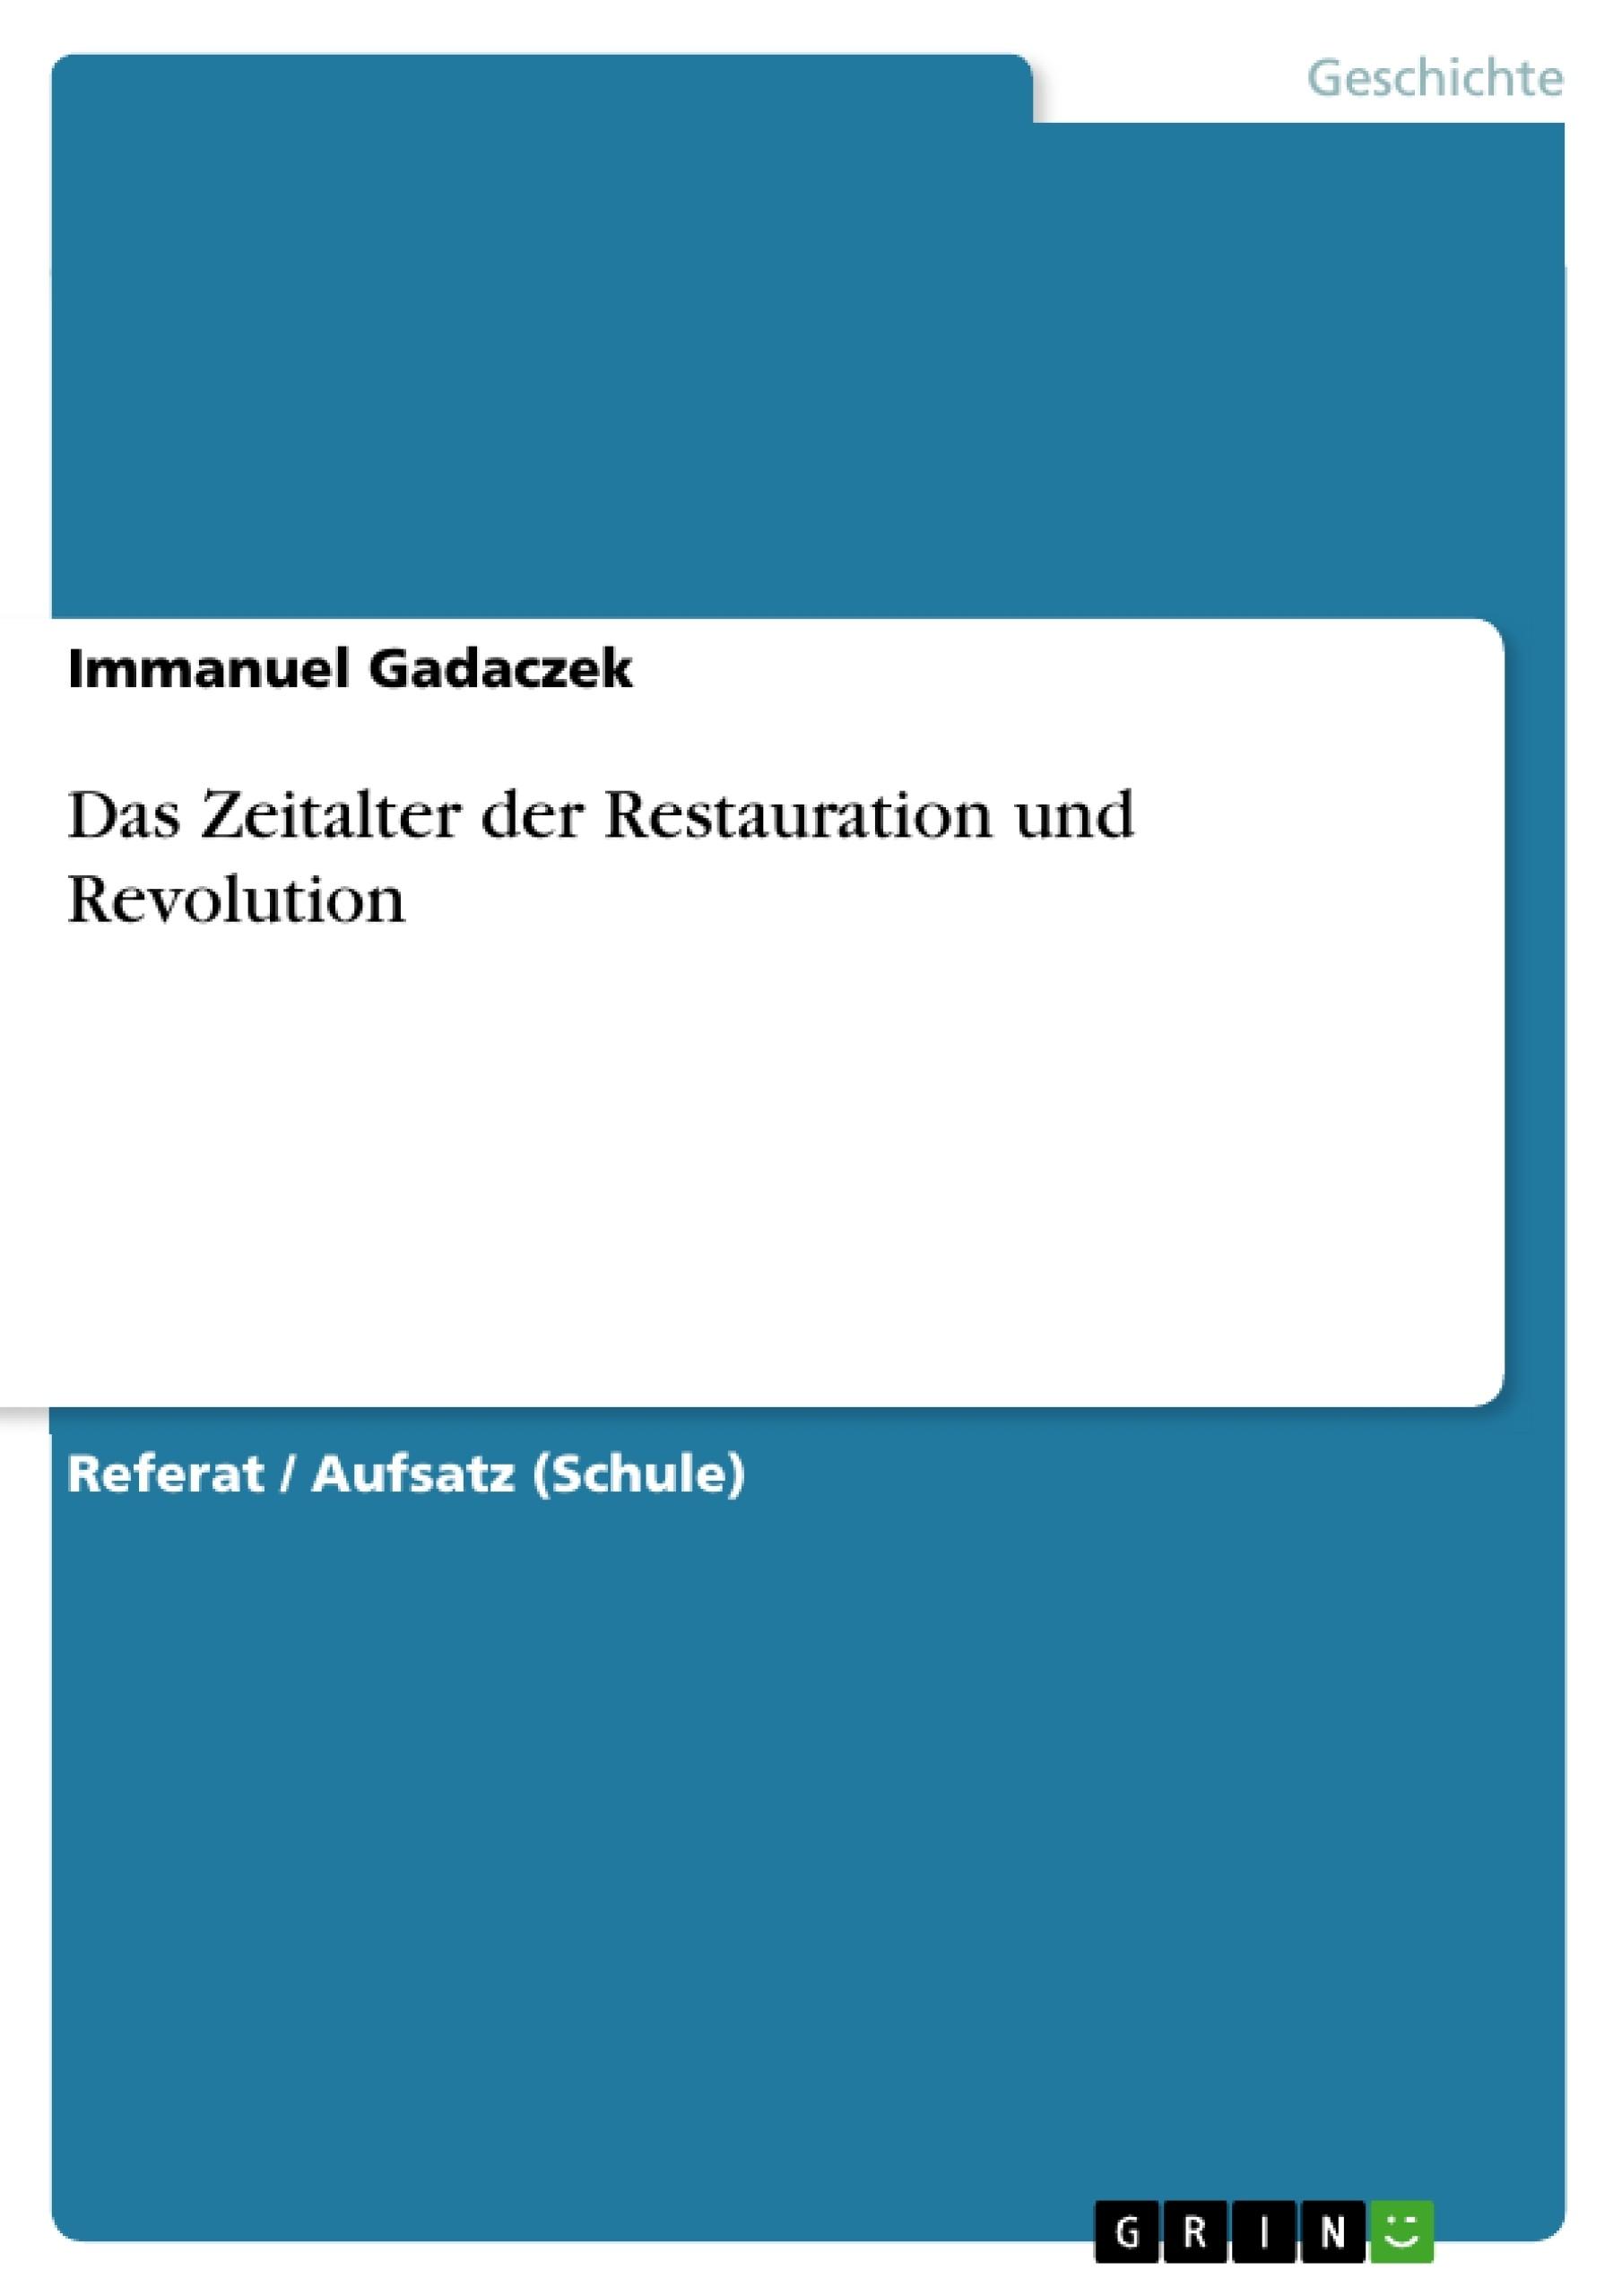 Titel: Das Zeitalter der Restauration und Revolution